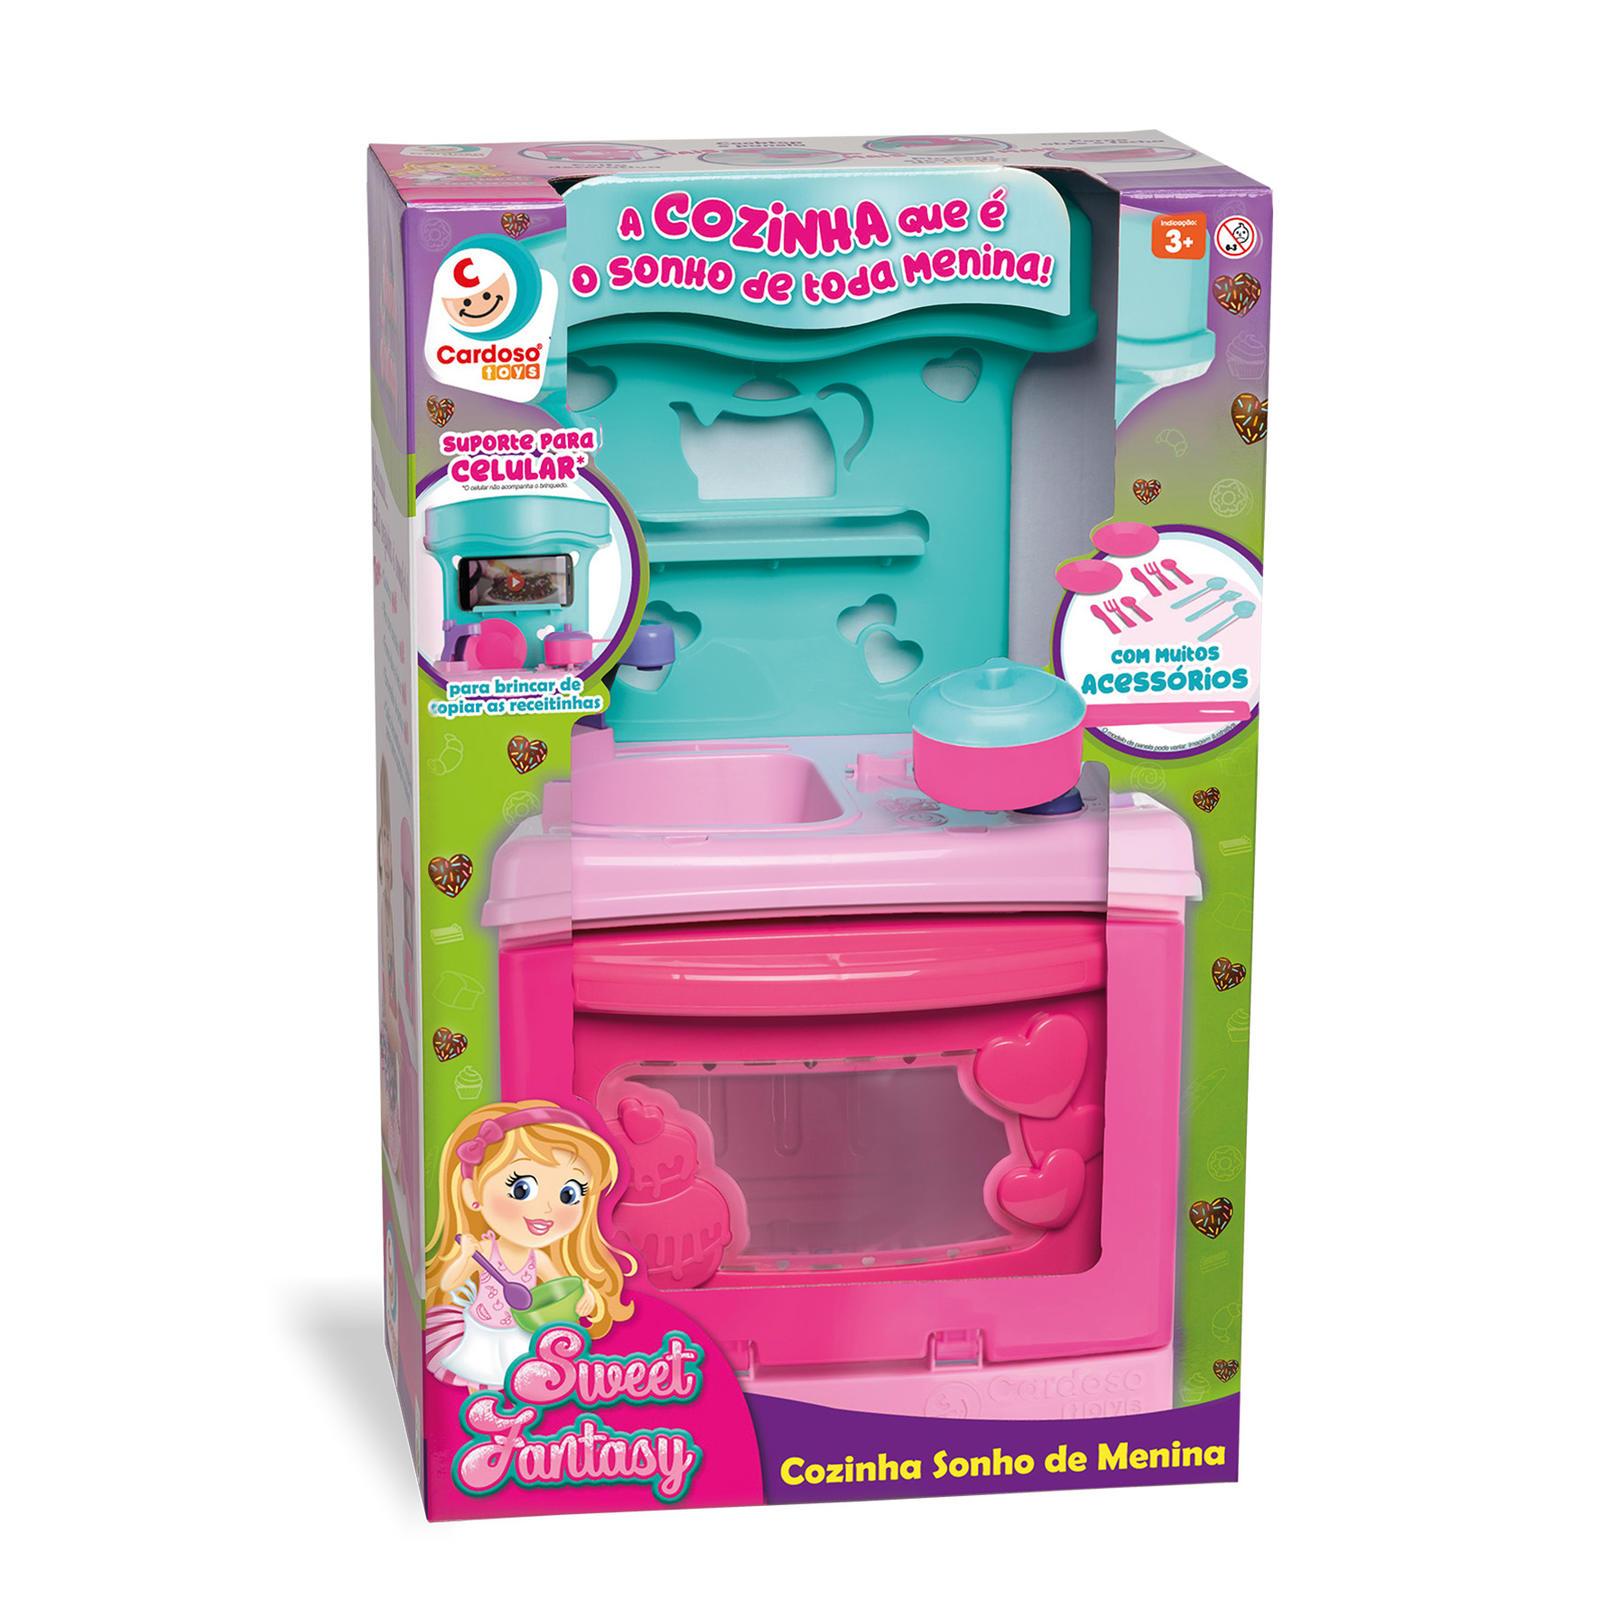 Brinquedo Sweet Fantasy Cozinha Sonho de Menina - Cardoso